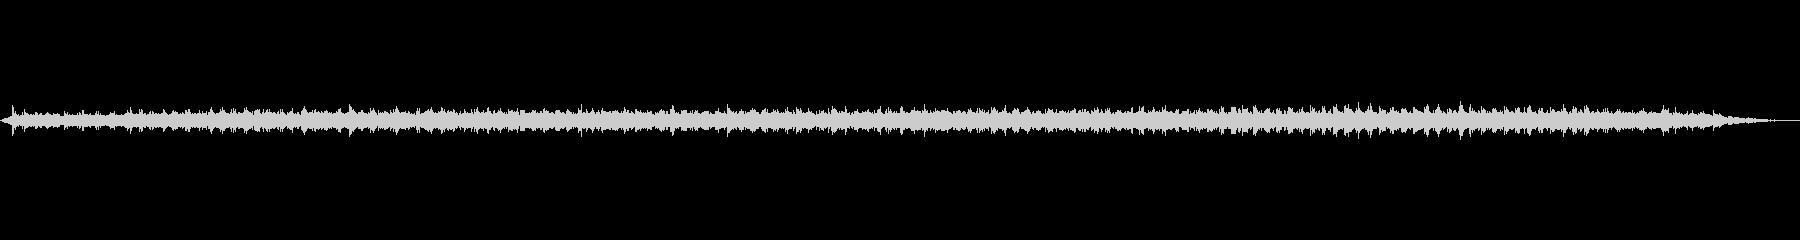 足跡トレッドミル-トレッドミルで実行の未再生の波形